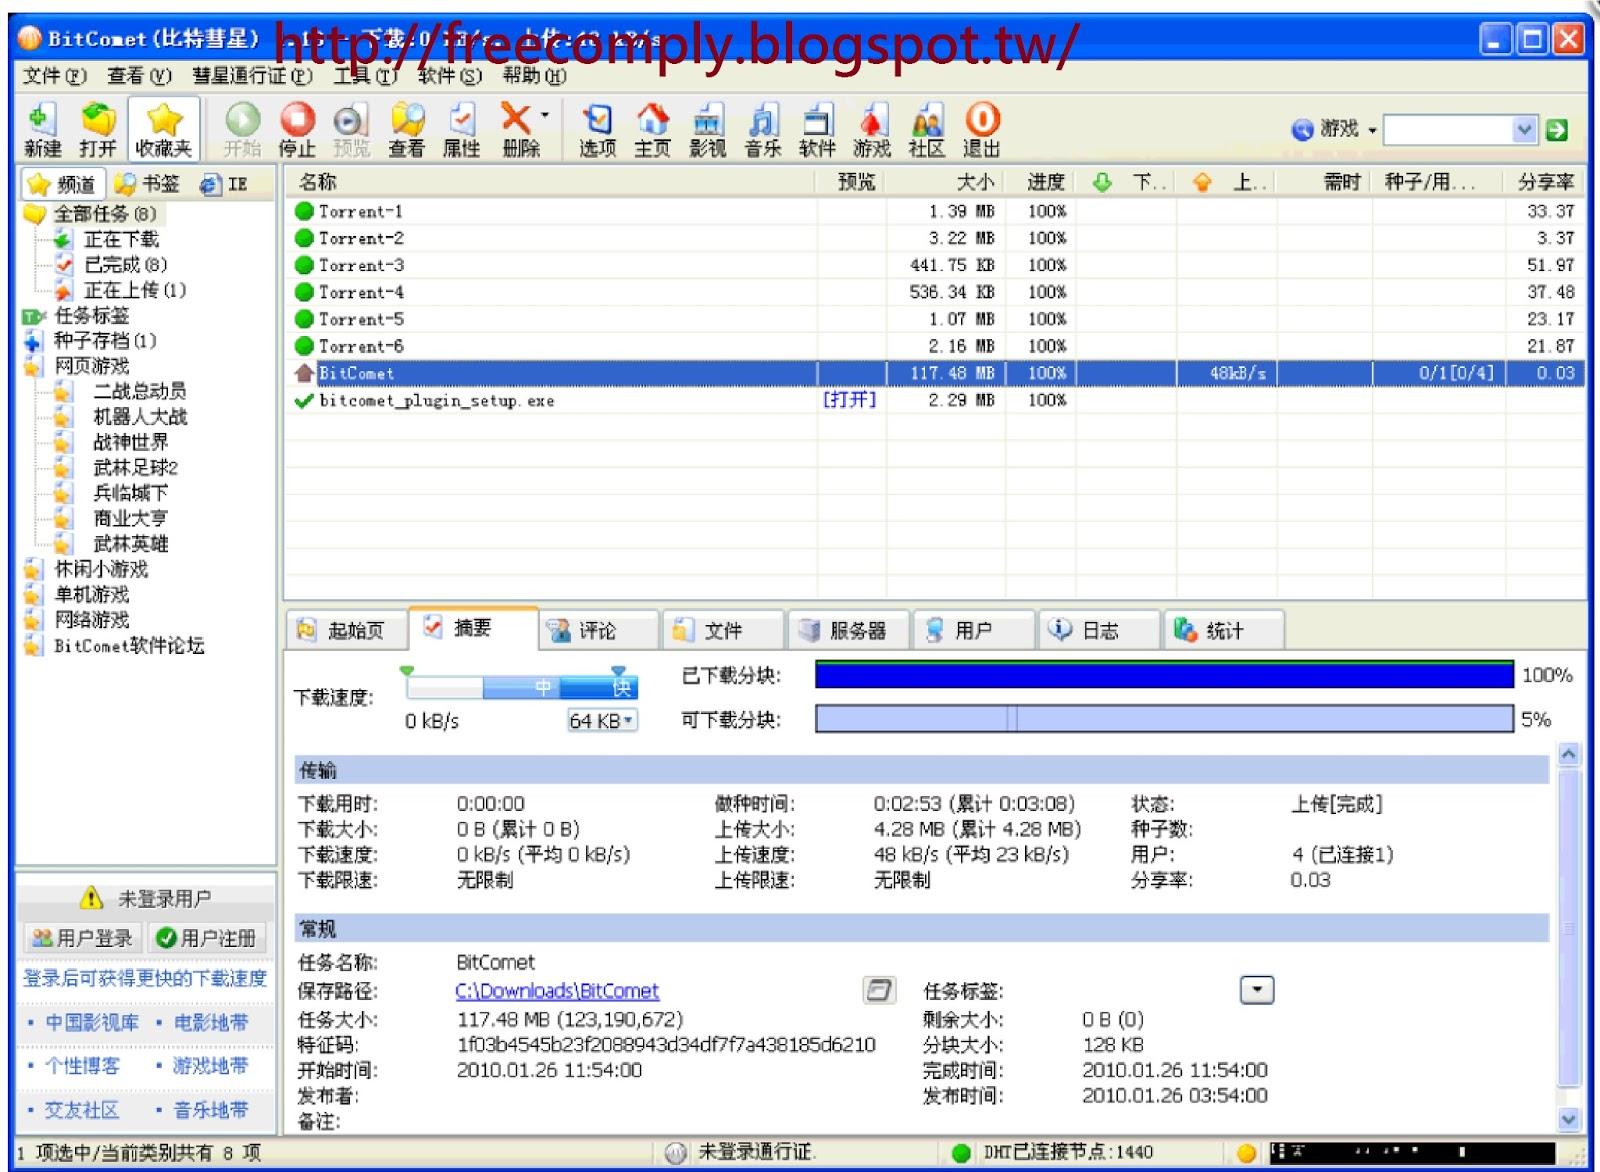 免費軟體資訊: BitComet(比特彗星) - 高效好用的BT下載軟件